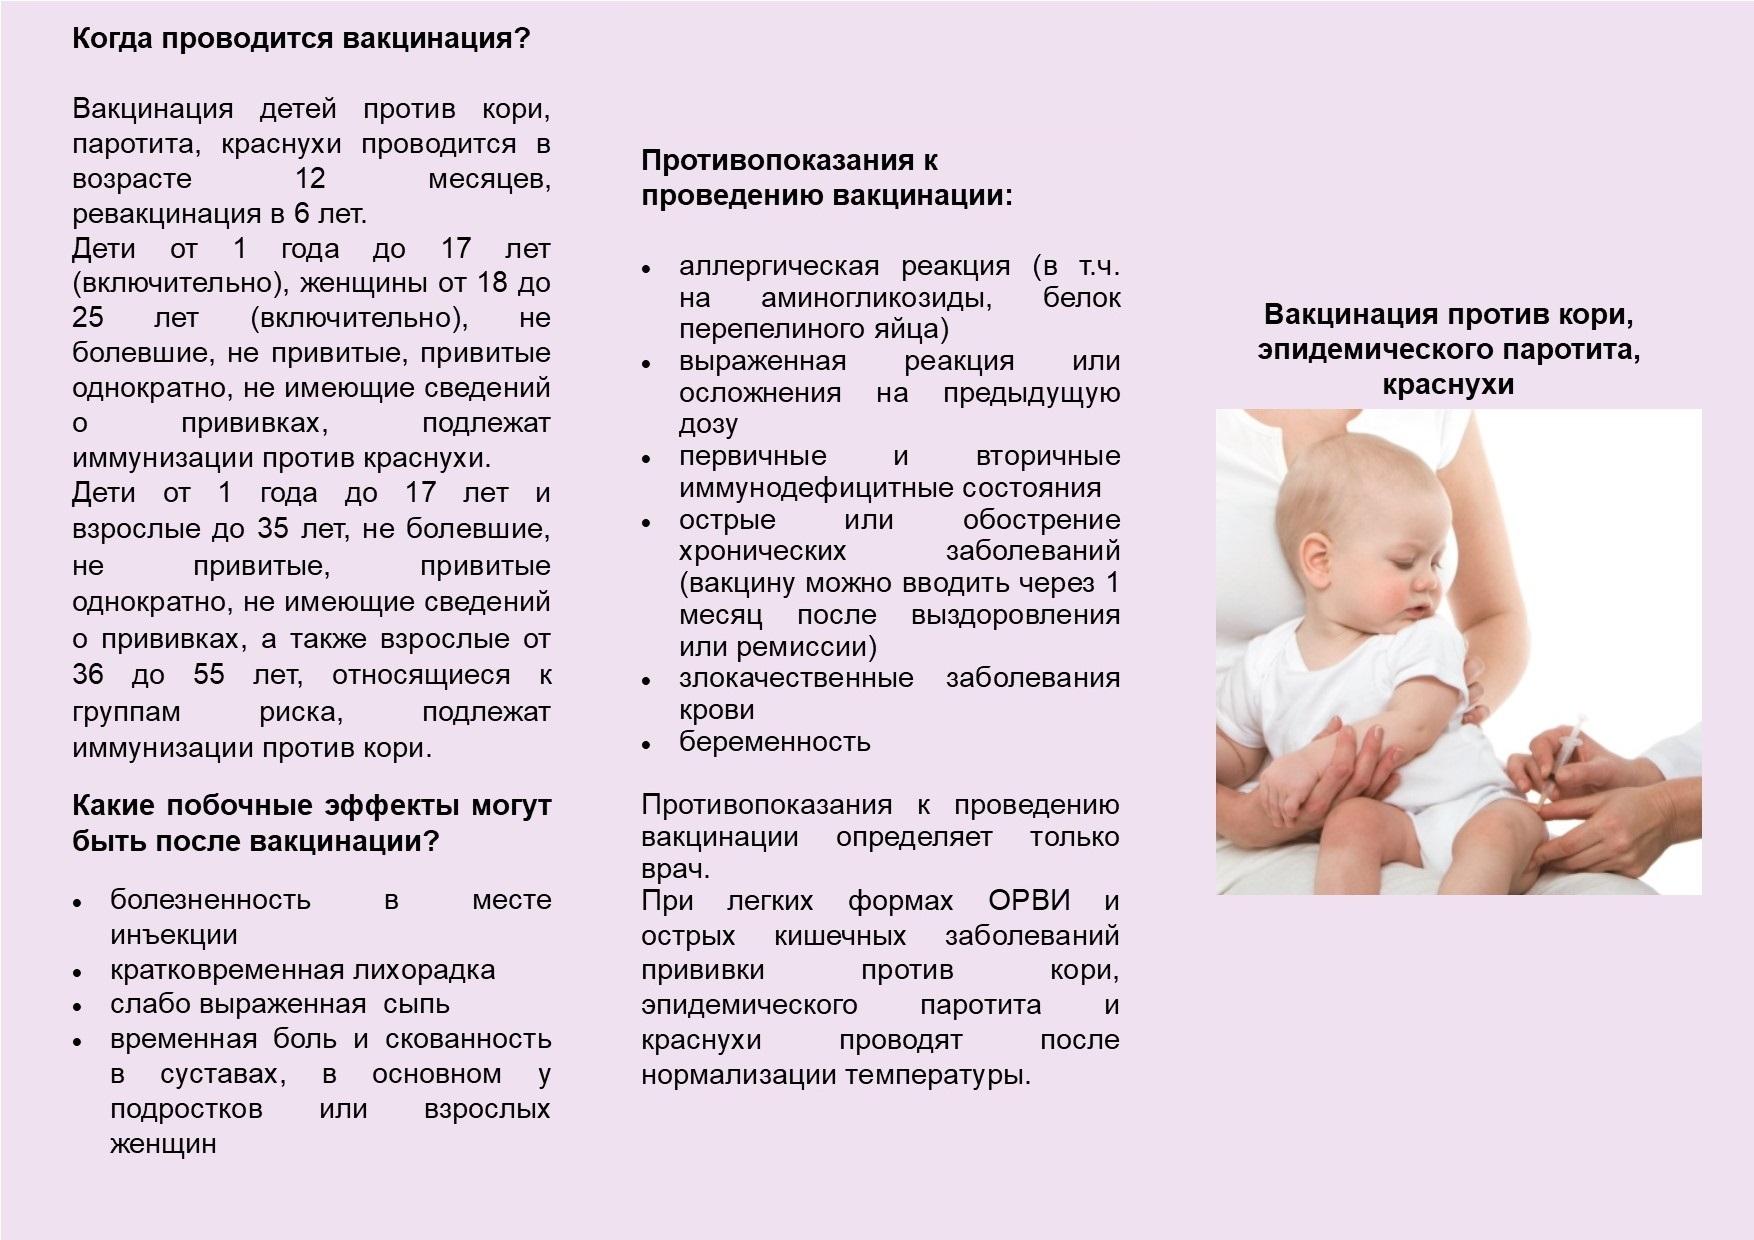 Прививка от кори детям: последствия, реакции, побочные действия и осложнения